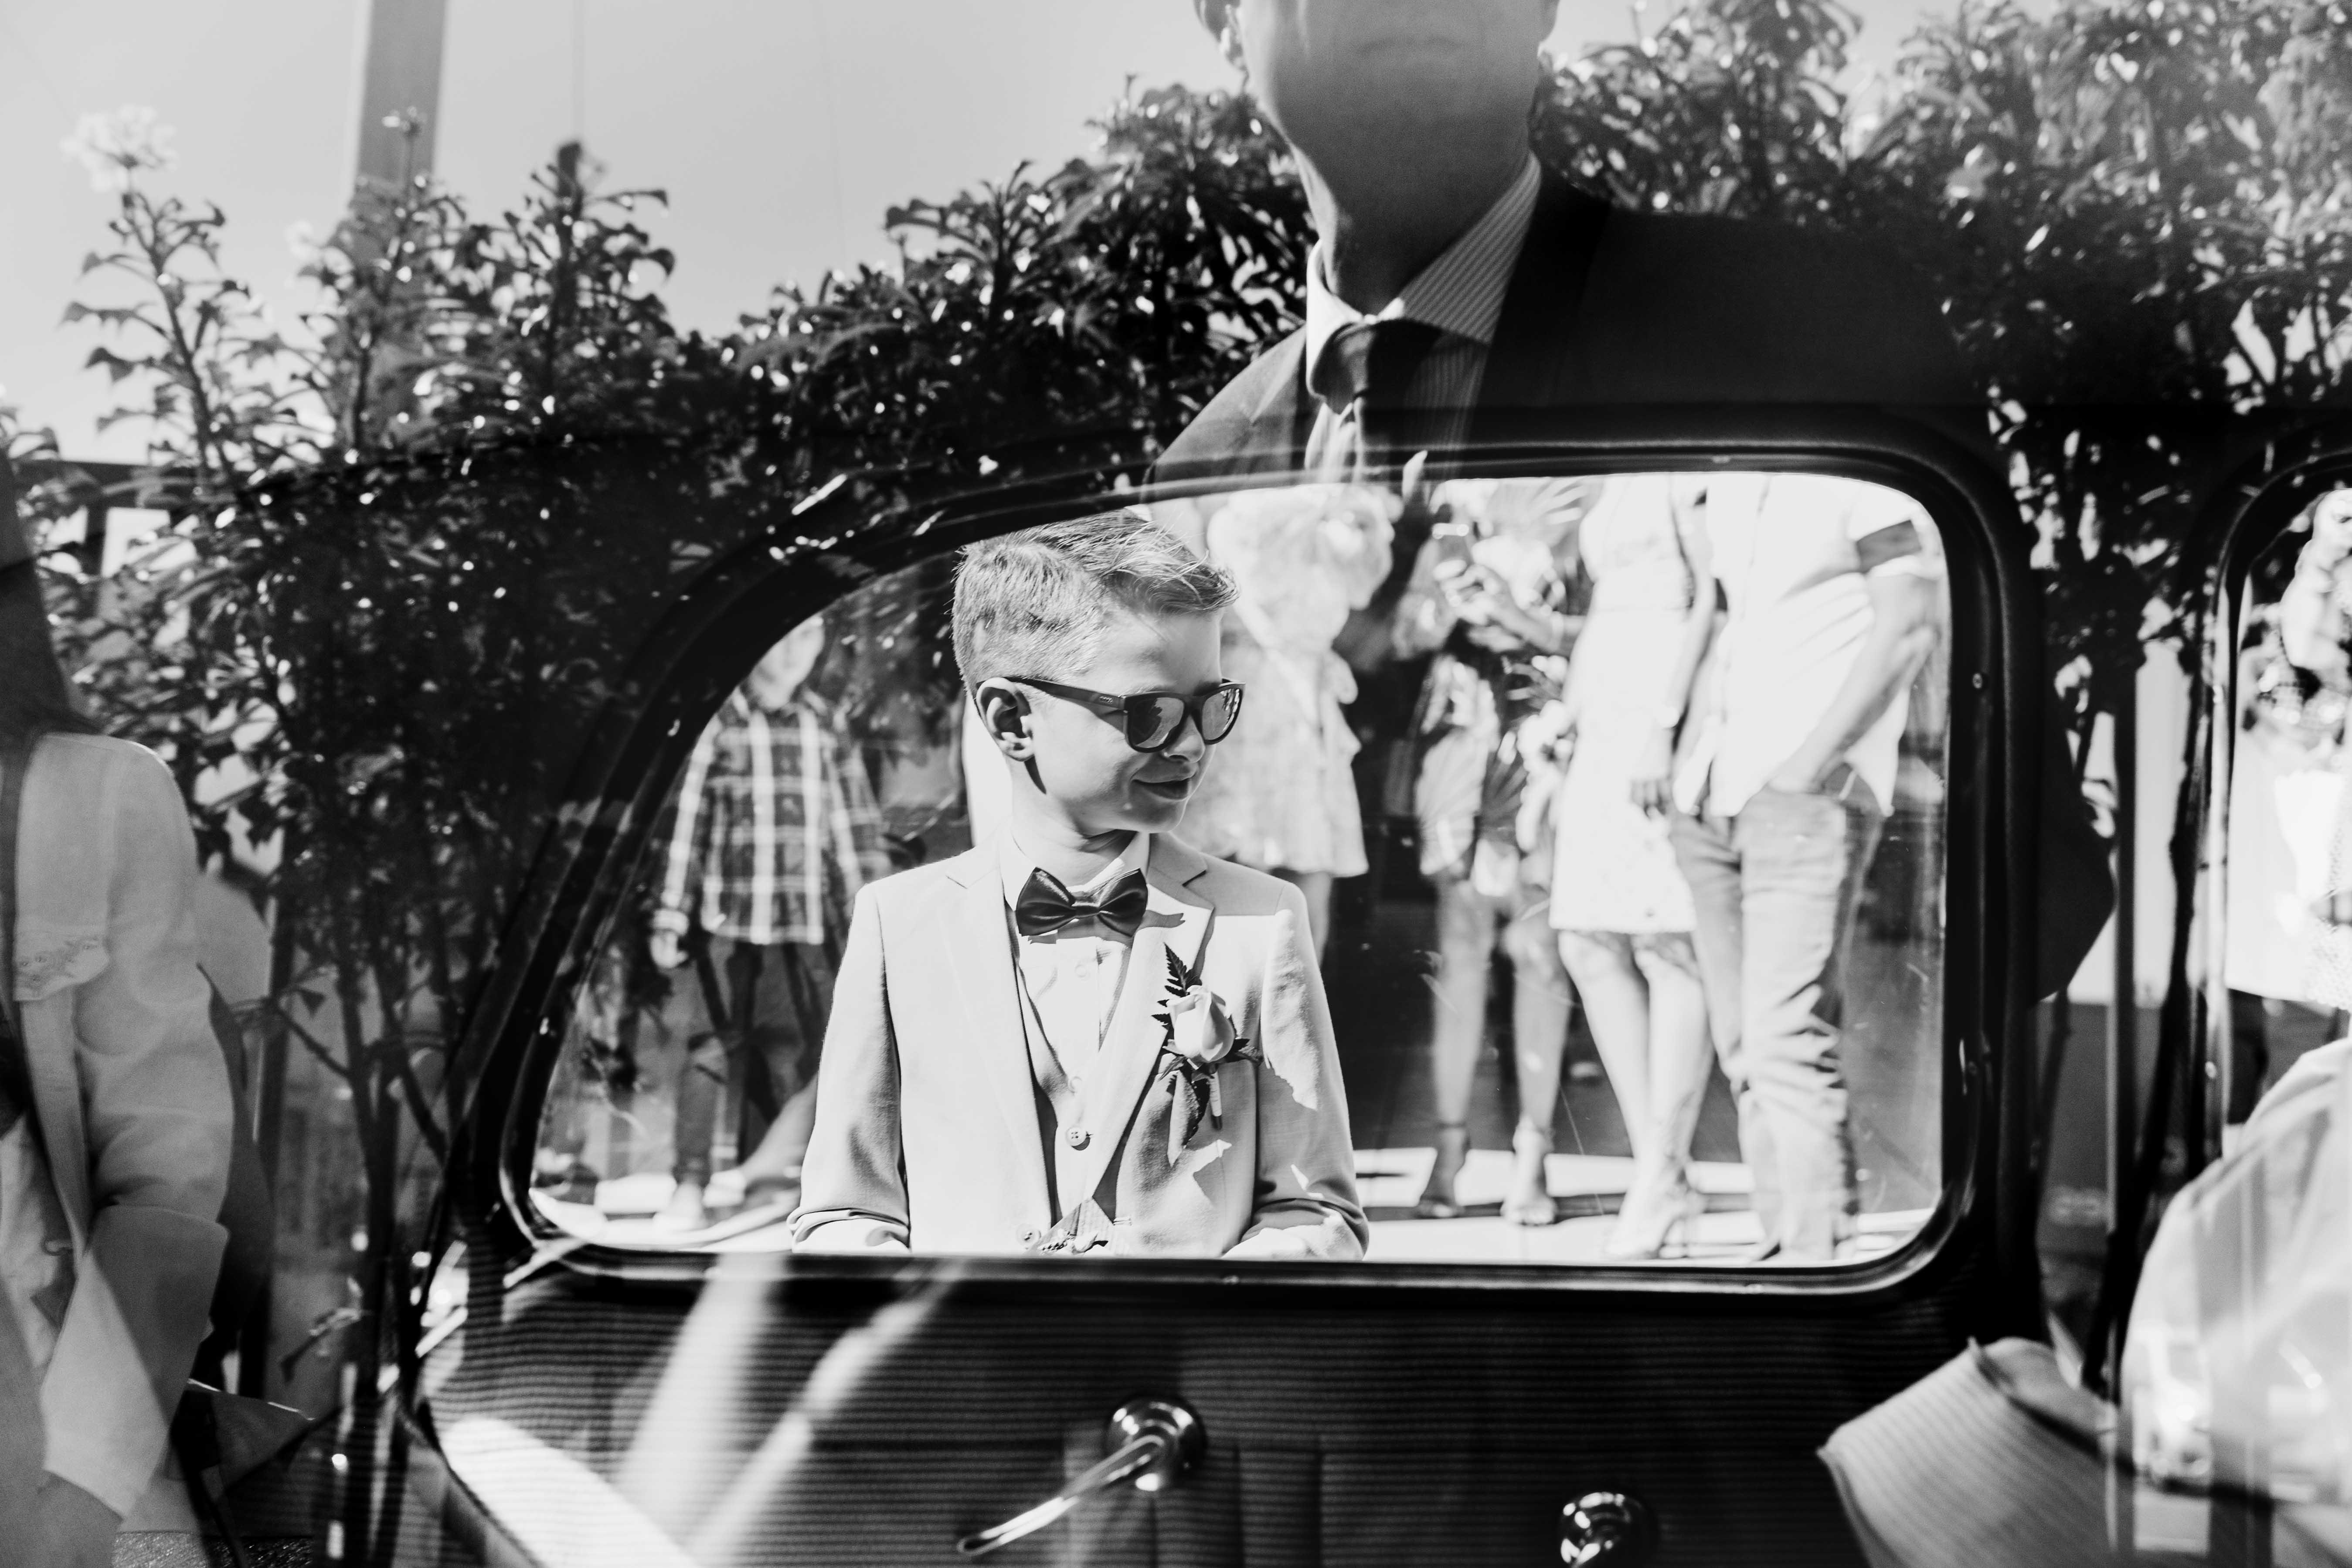 le fils des mariés au travers les fenêtres de la voiture du cortège